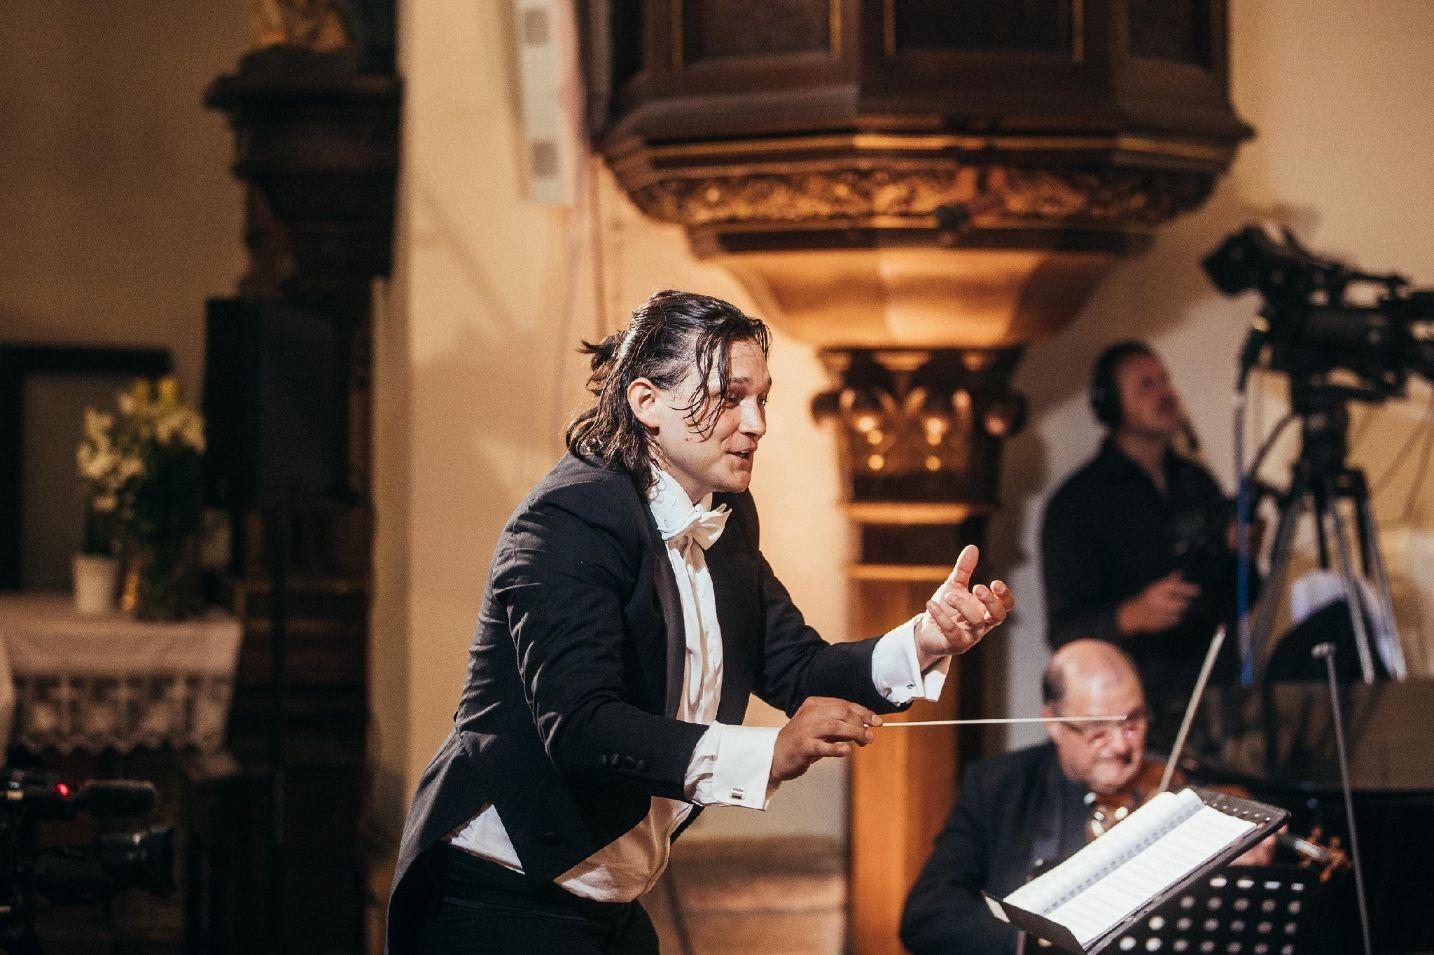 Sjajan početak Samoborske glazbene jeseni uz Mahlerovu 1. simfoniju